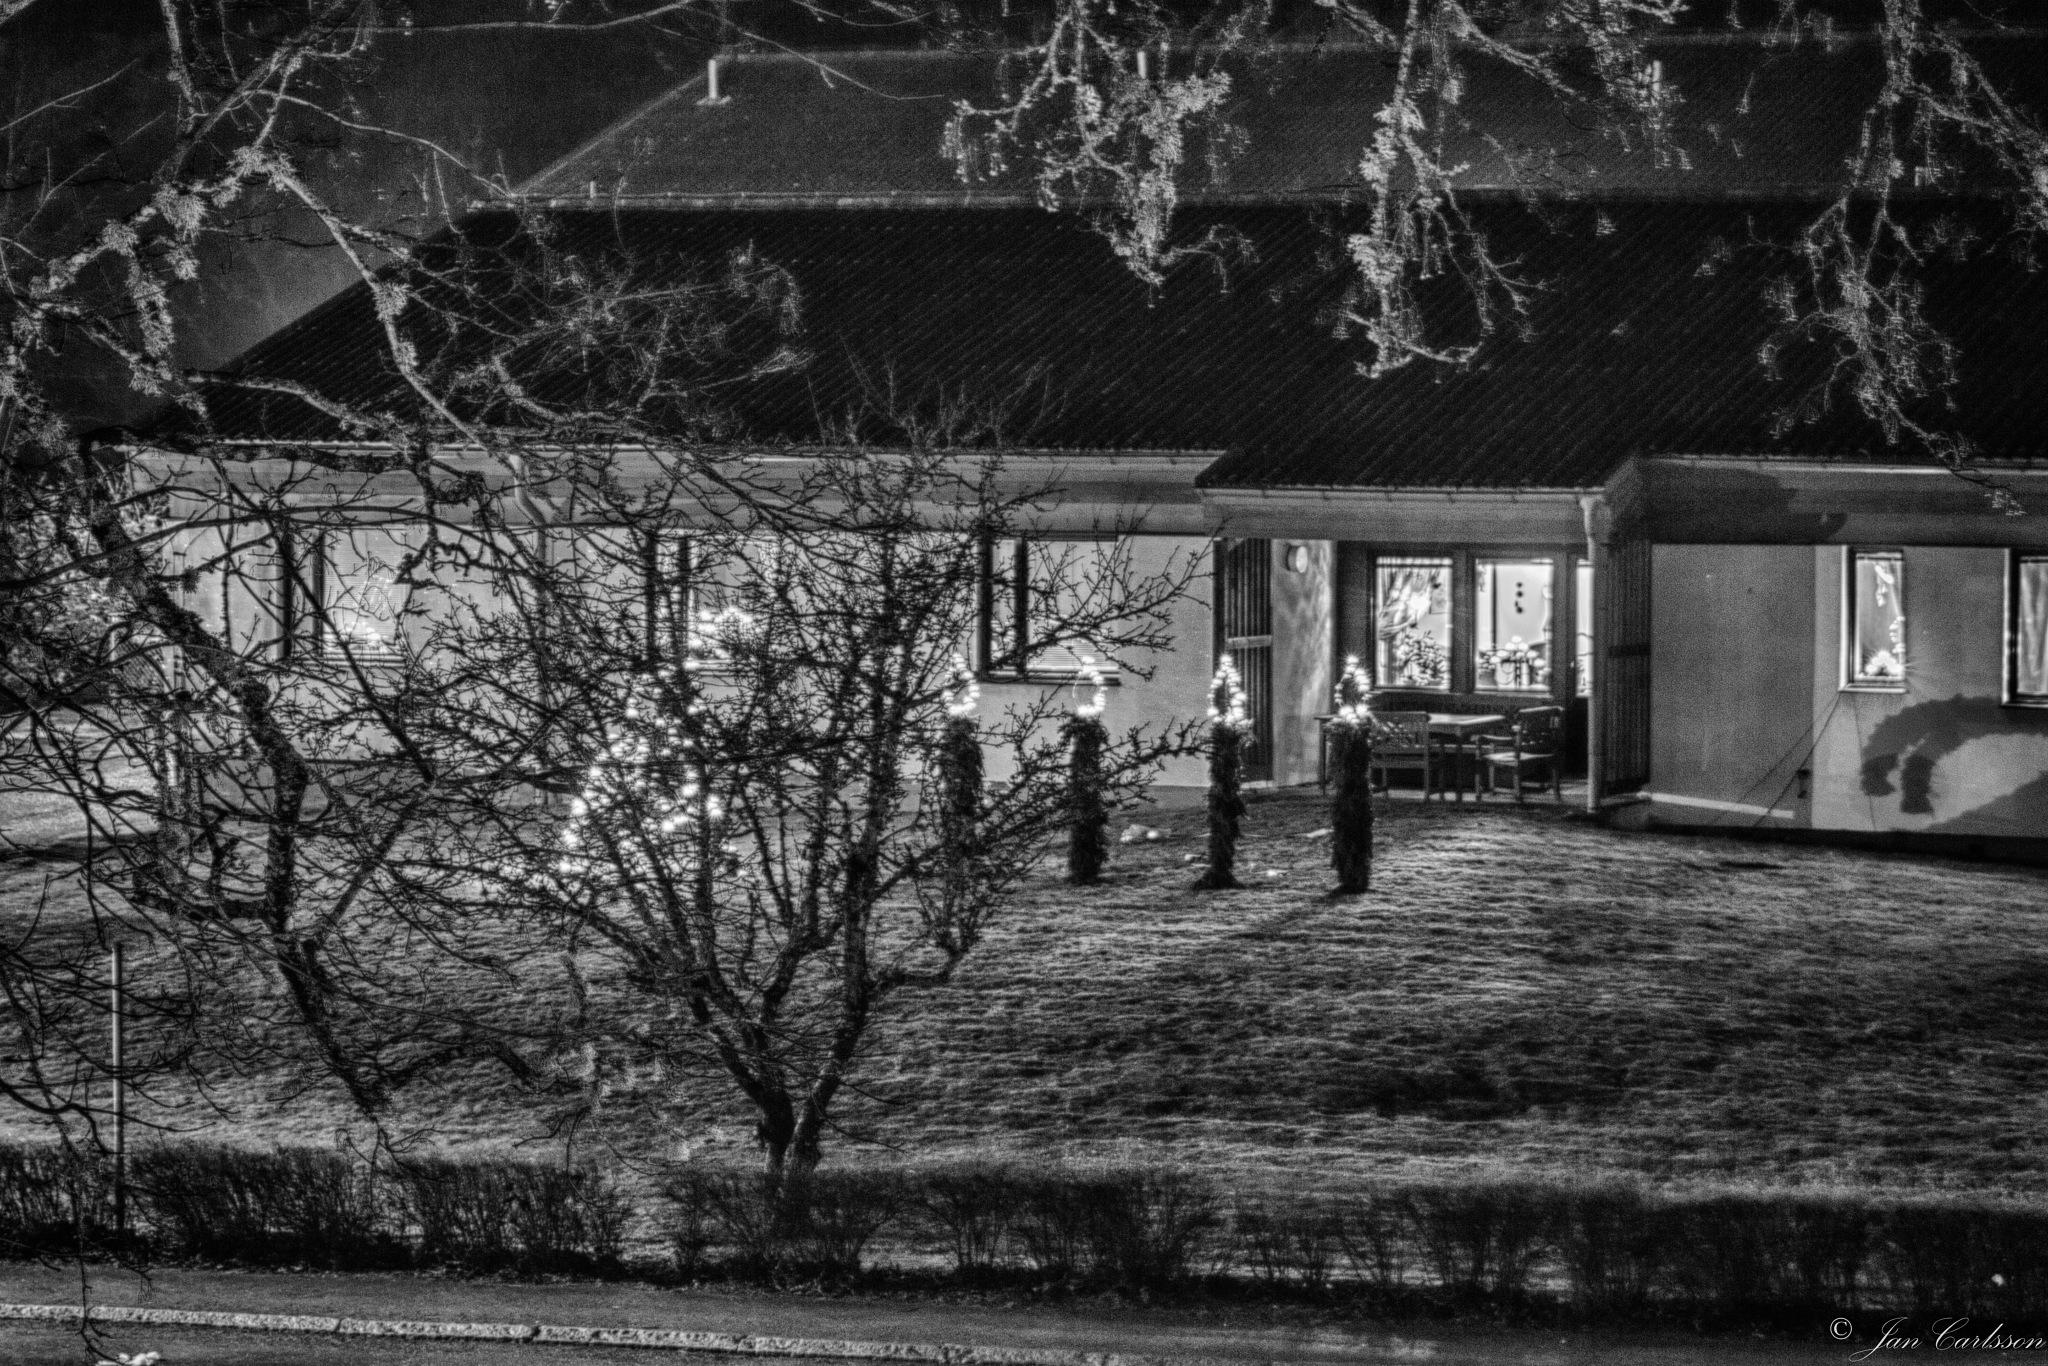 Last Christmas by carljan w carlsson